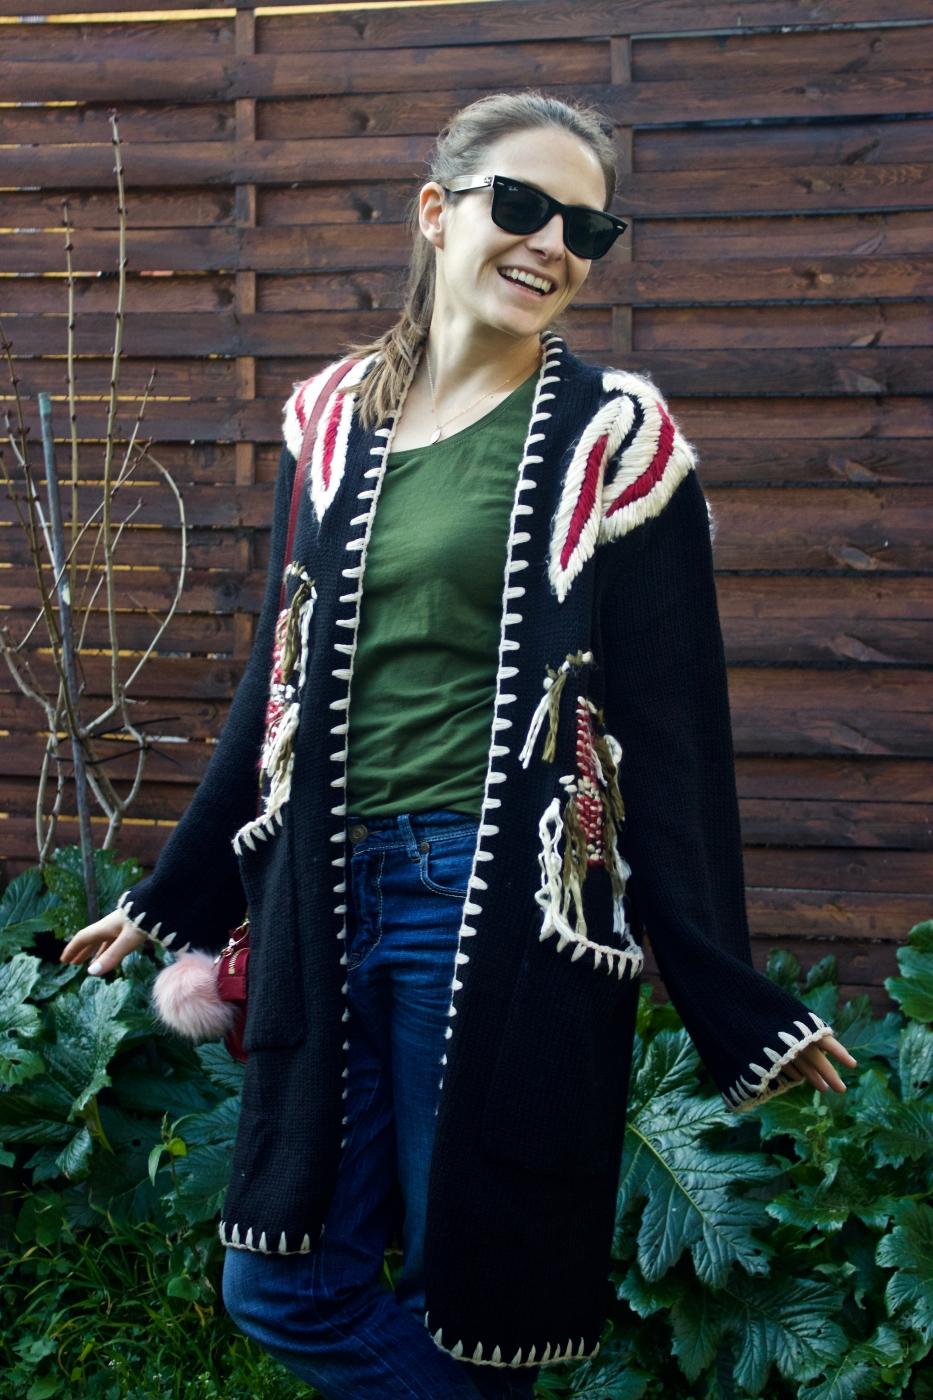 lara-vazquez-madlula-style-look-fashionblog-moda-streetstyle